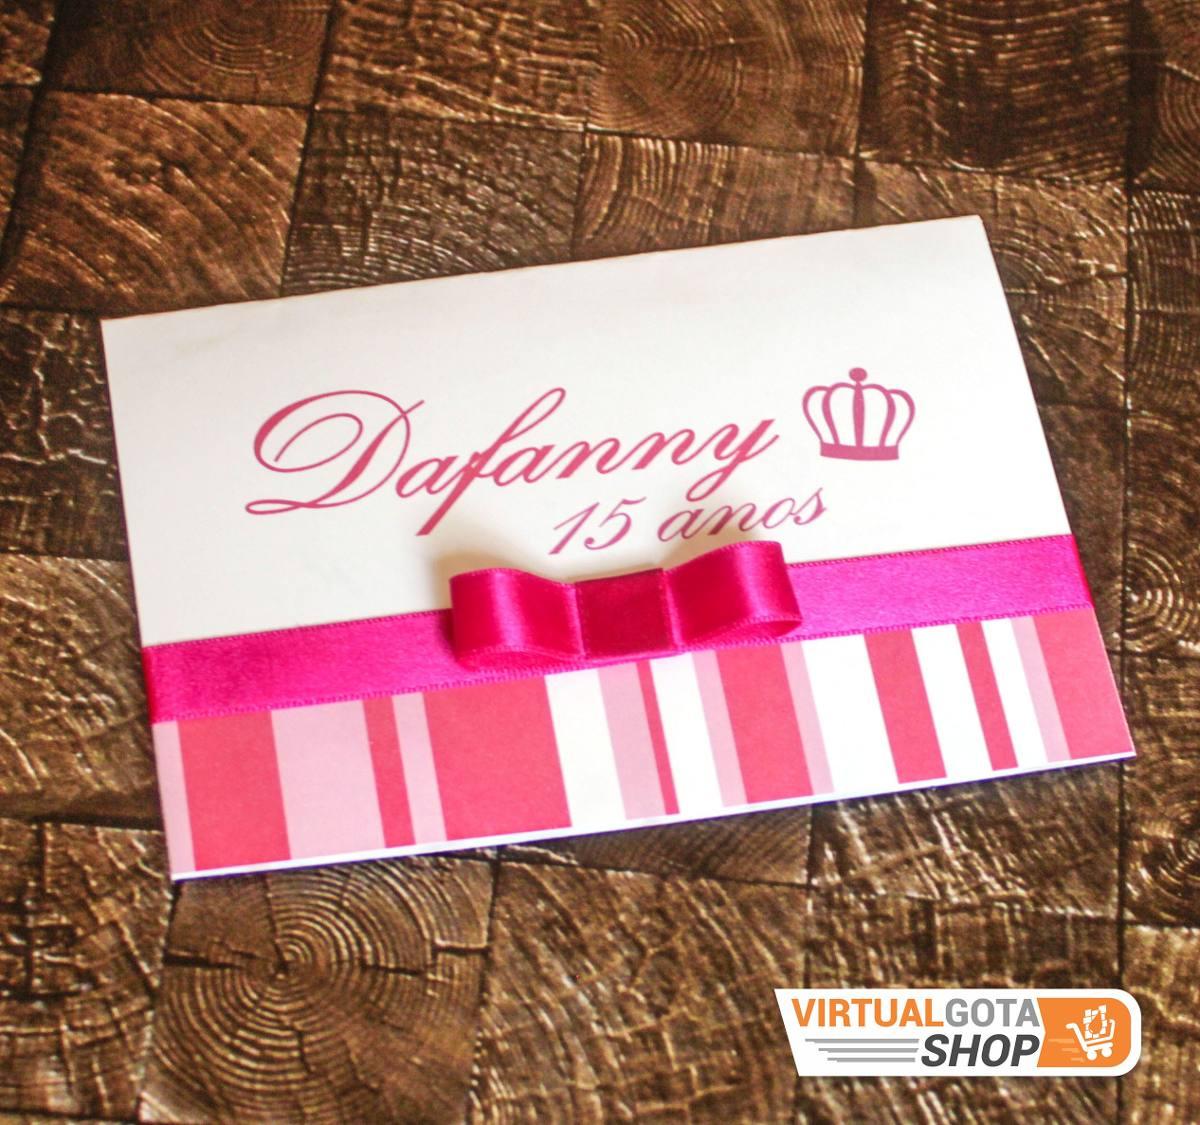 10 Convites De Aniversário 15 Anos P Decoração Rosa Branco R 18